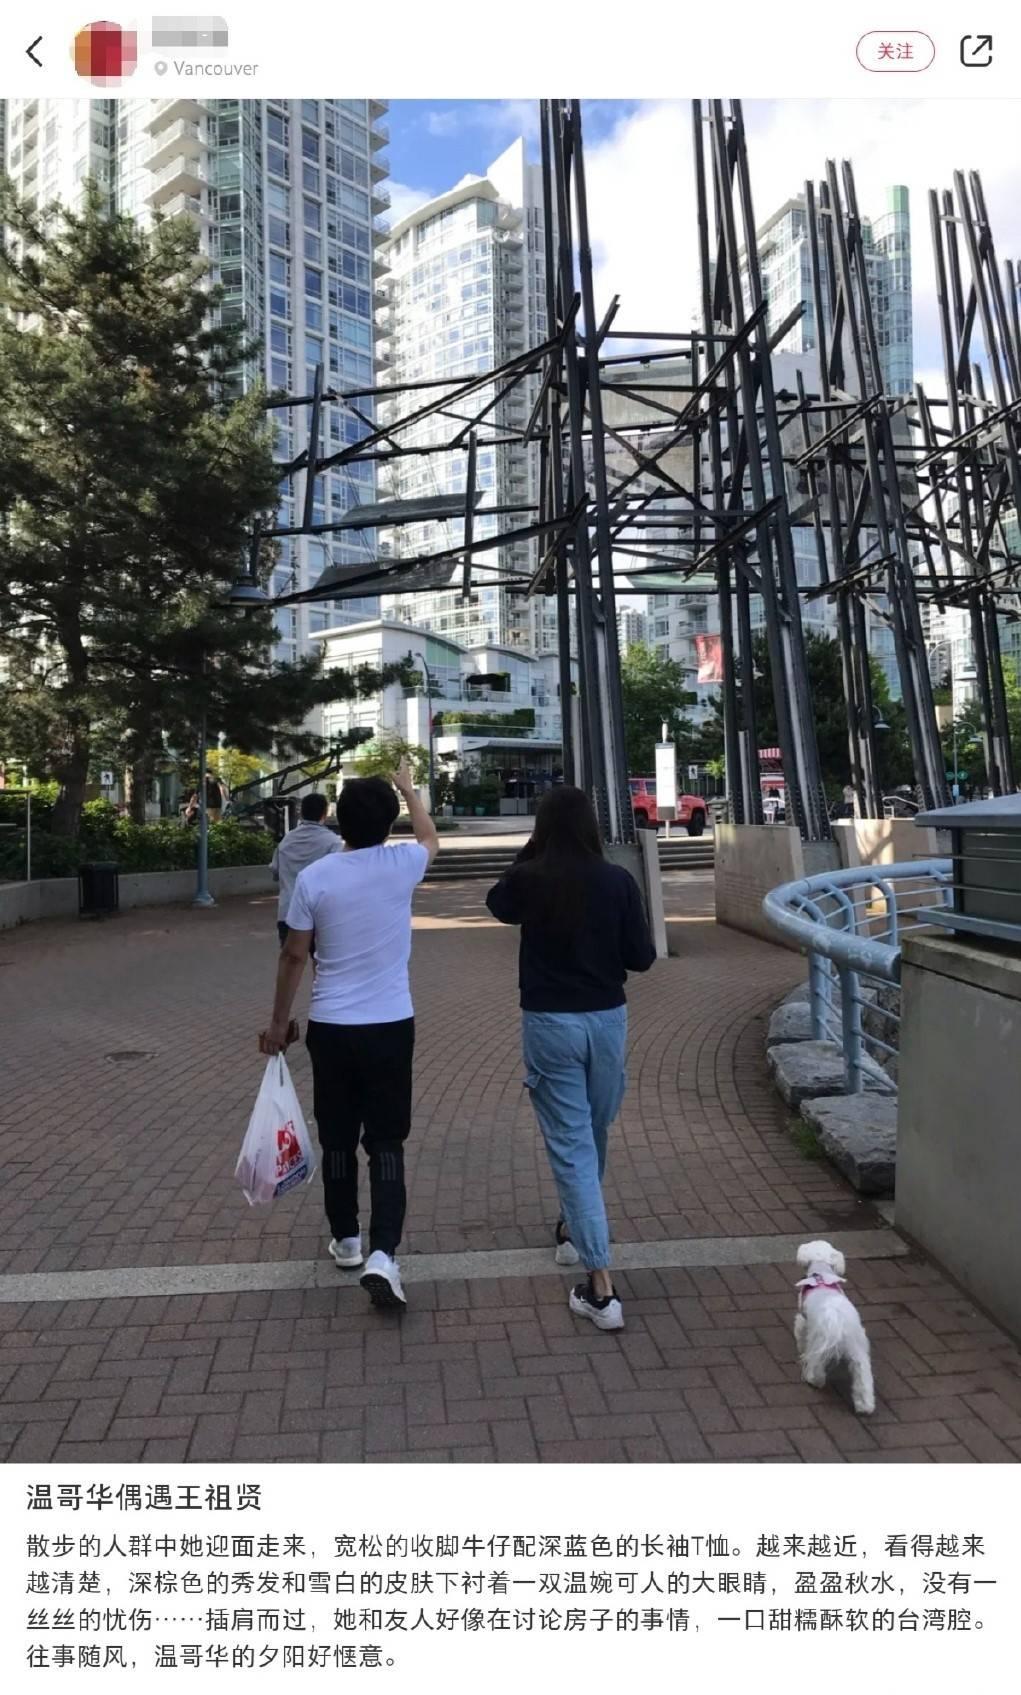 53岁王祖贤和神秘男子逛街被偶遇 网友感叹颜值高